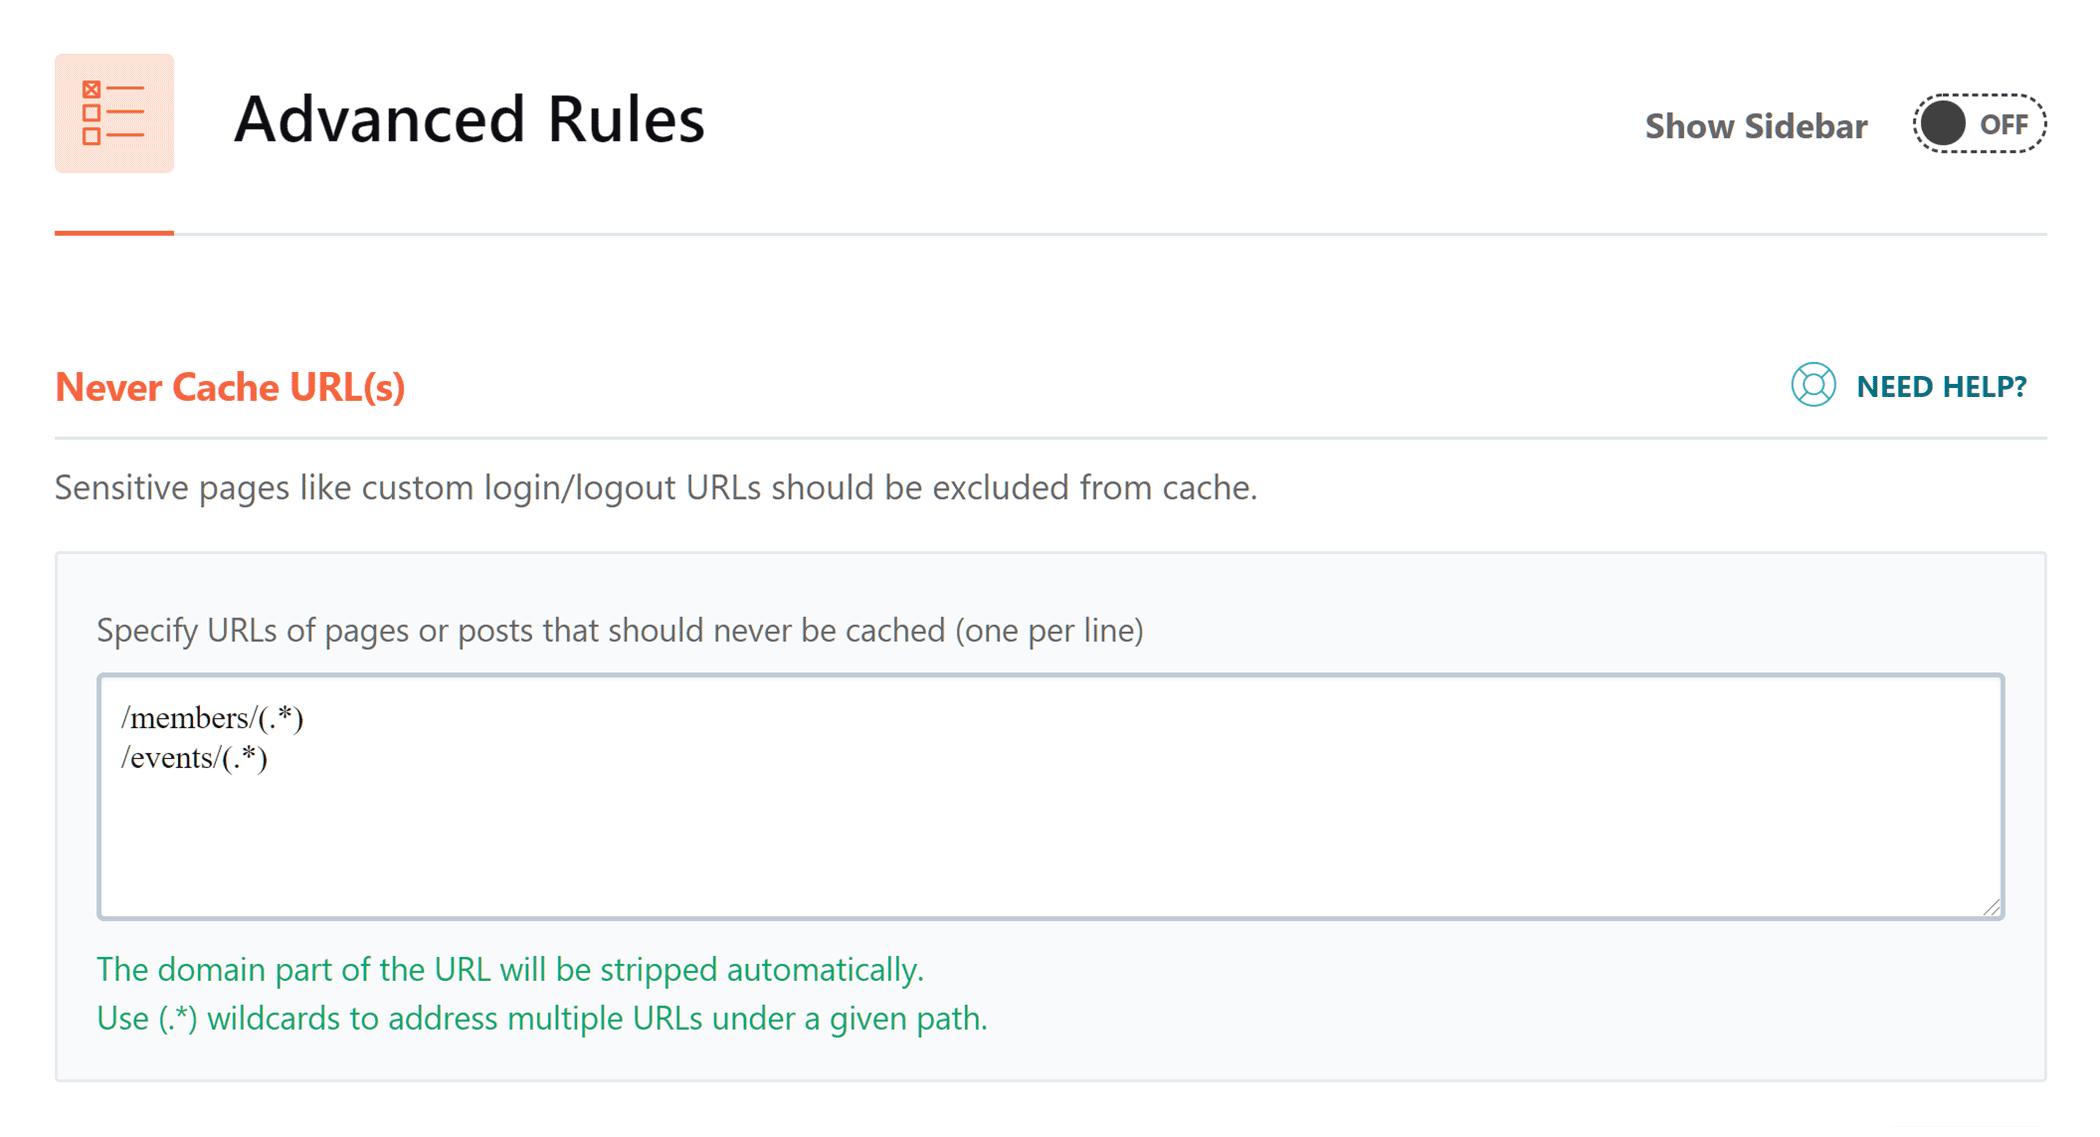 Configuración de almacenamiento en caché de URL